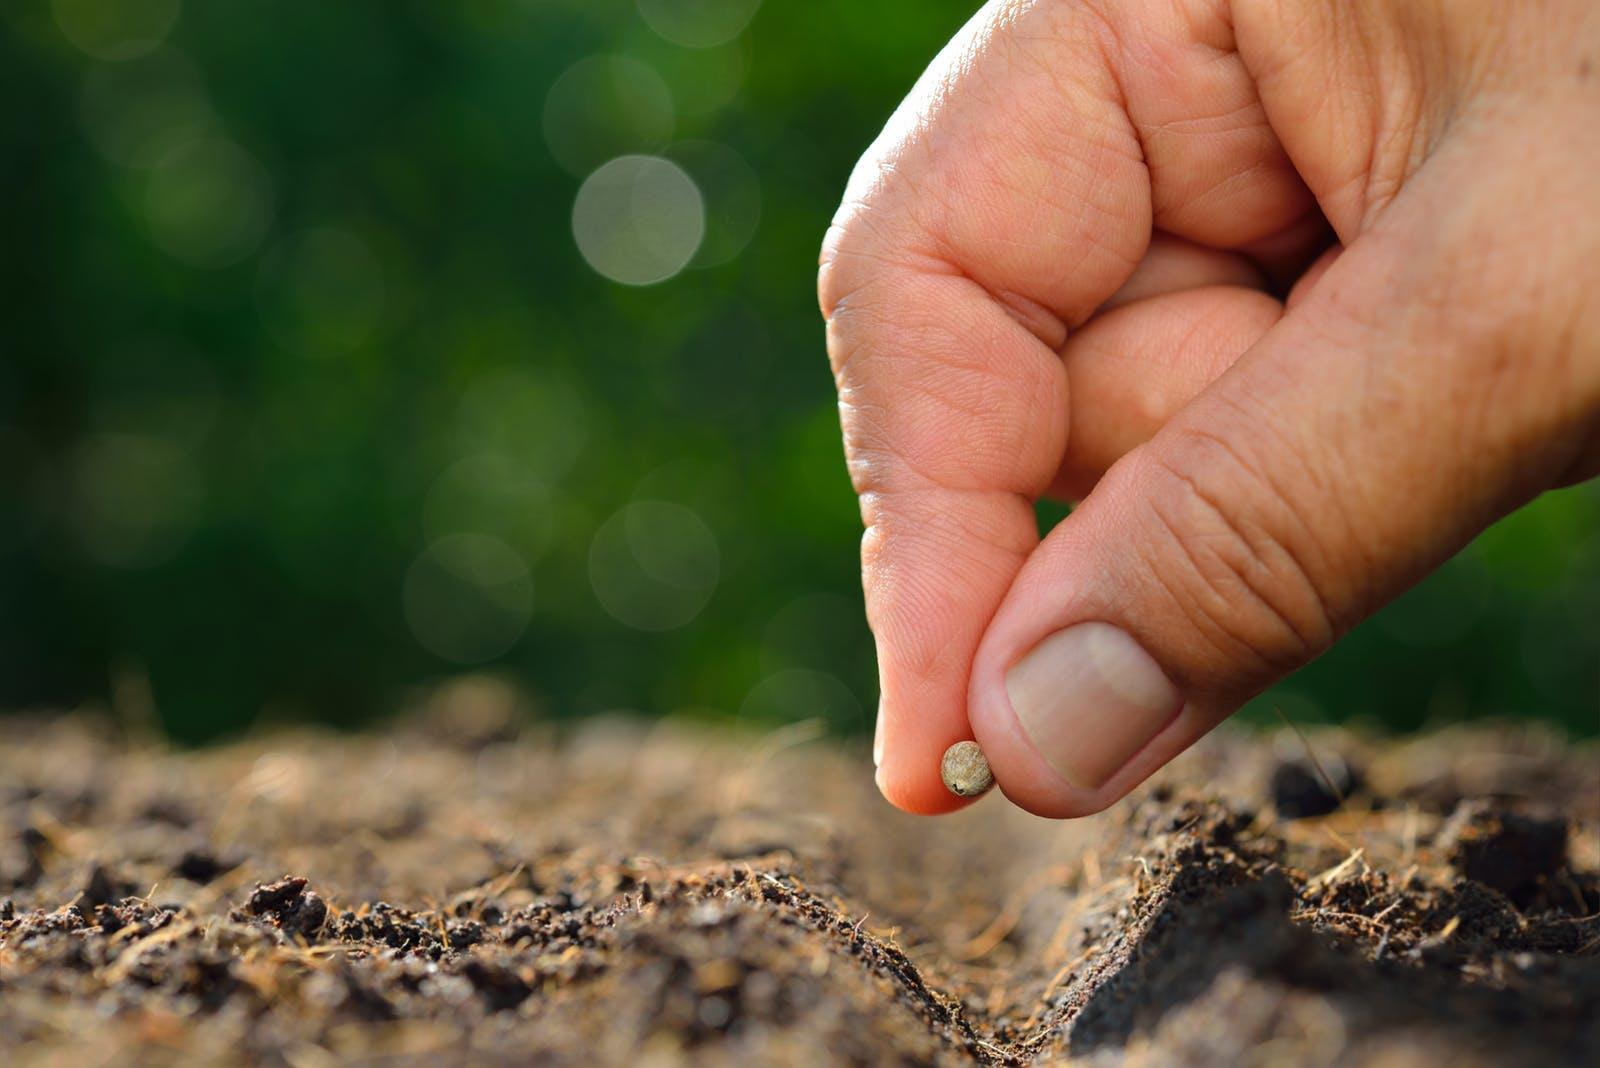 Las especialidades de siembra de semillas